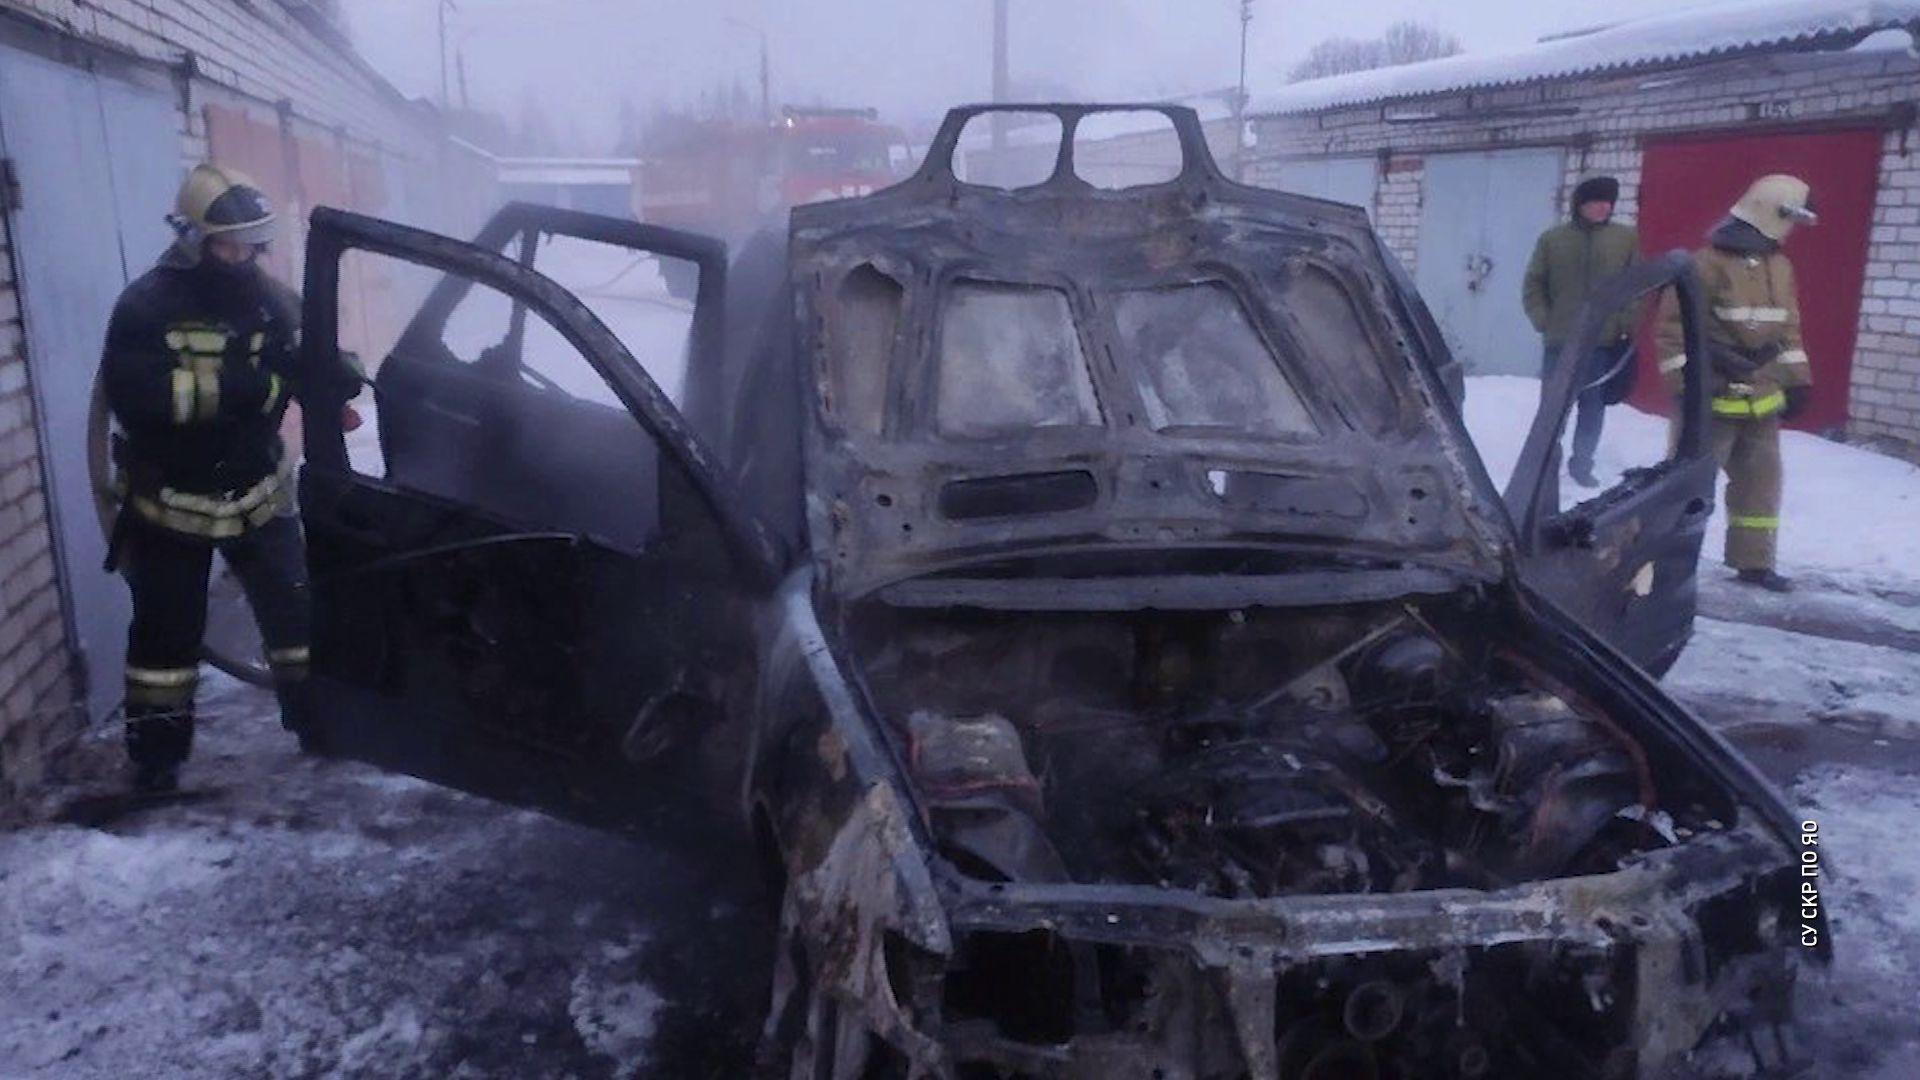 Ярославец сгорел в машине